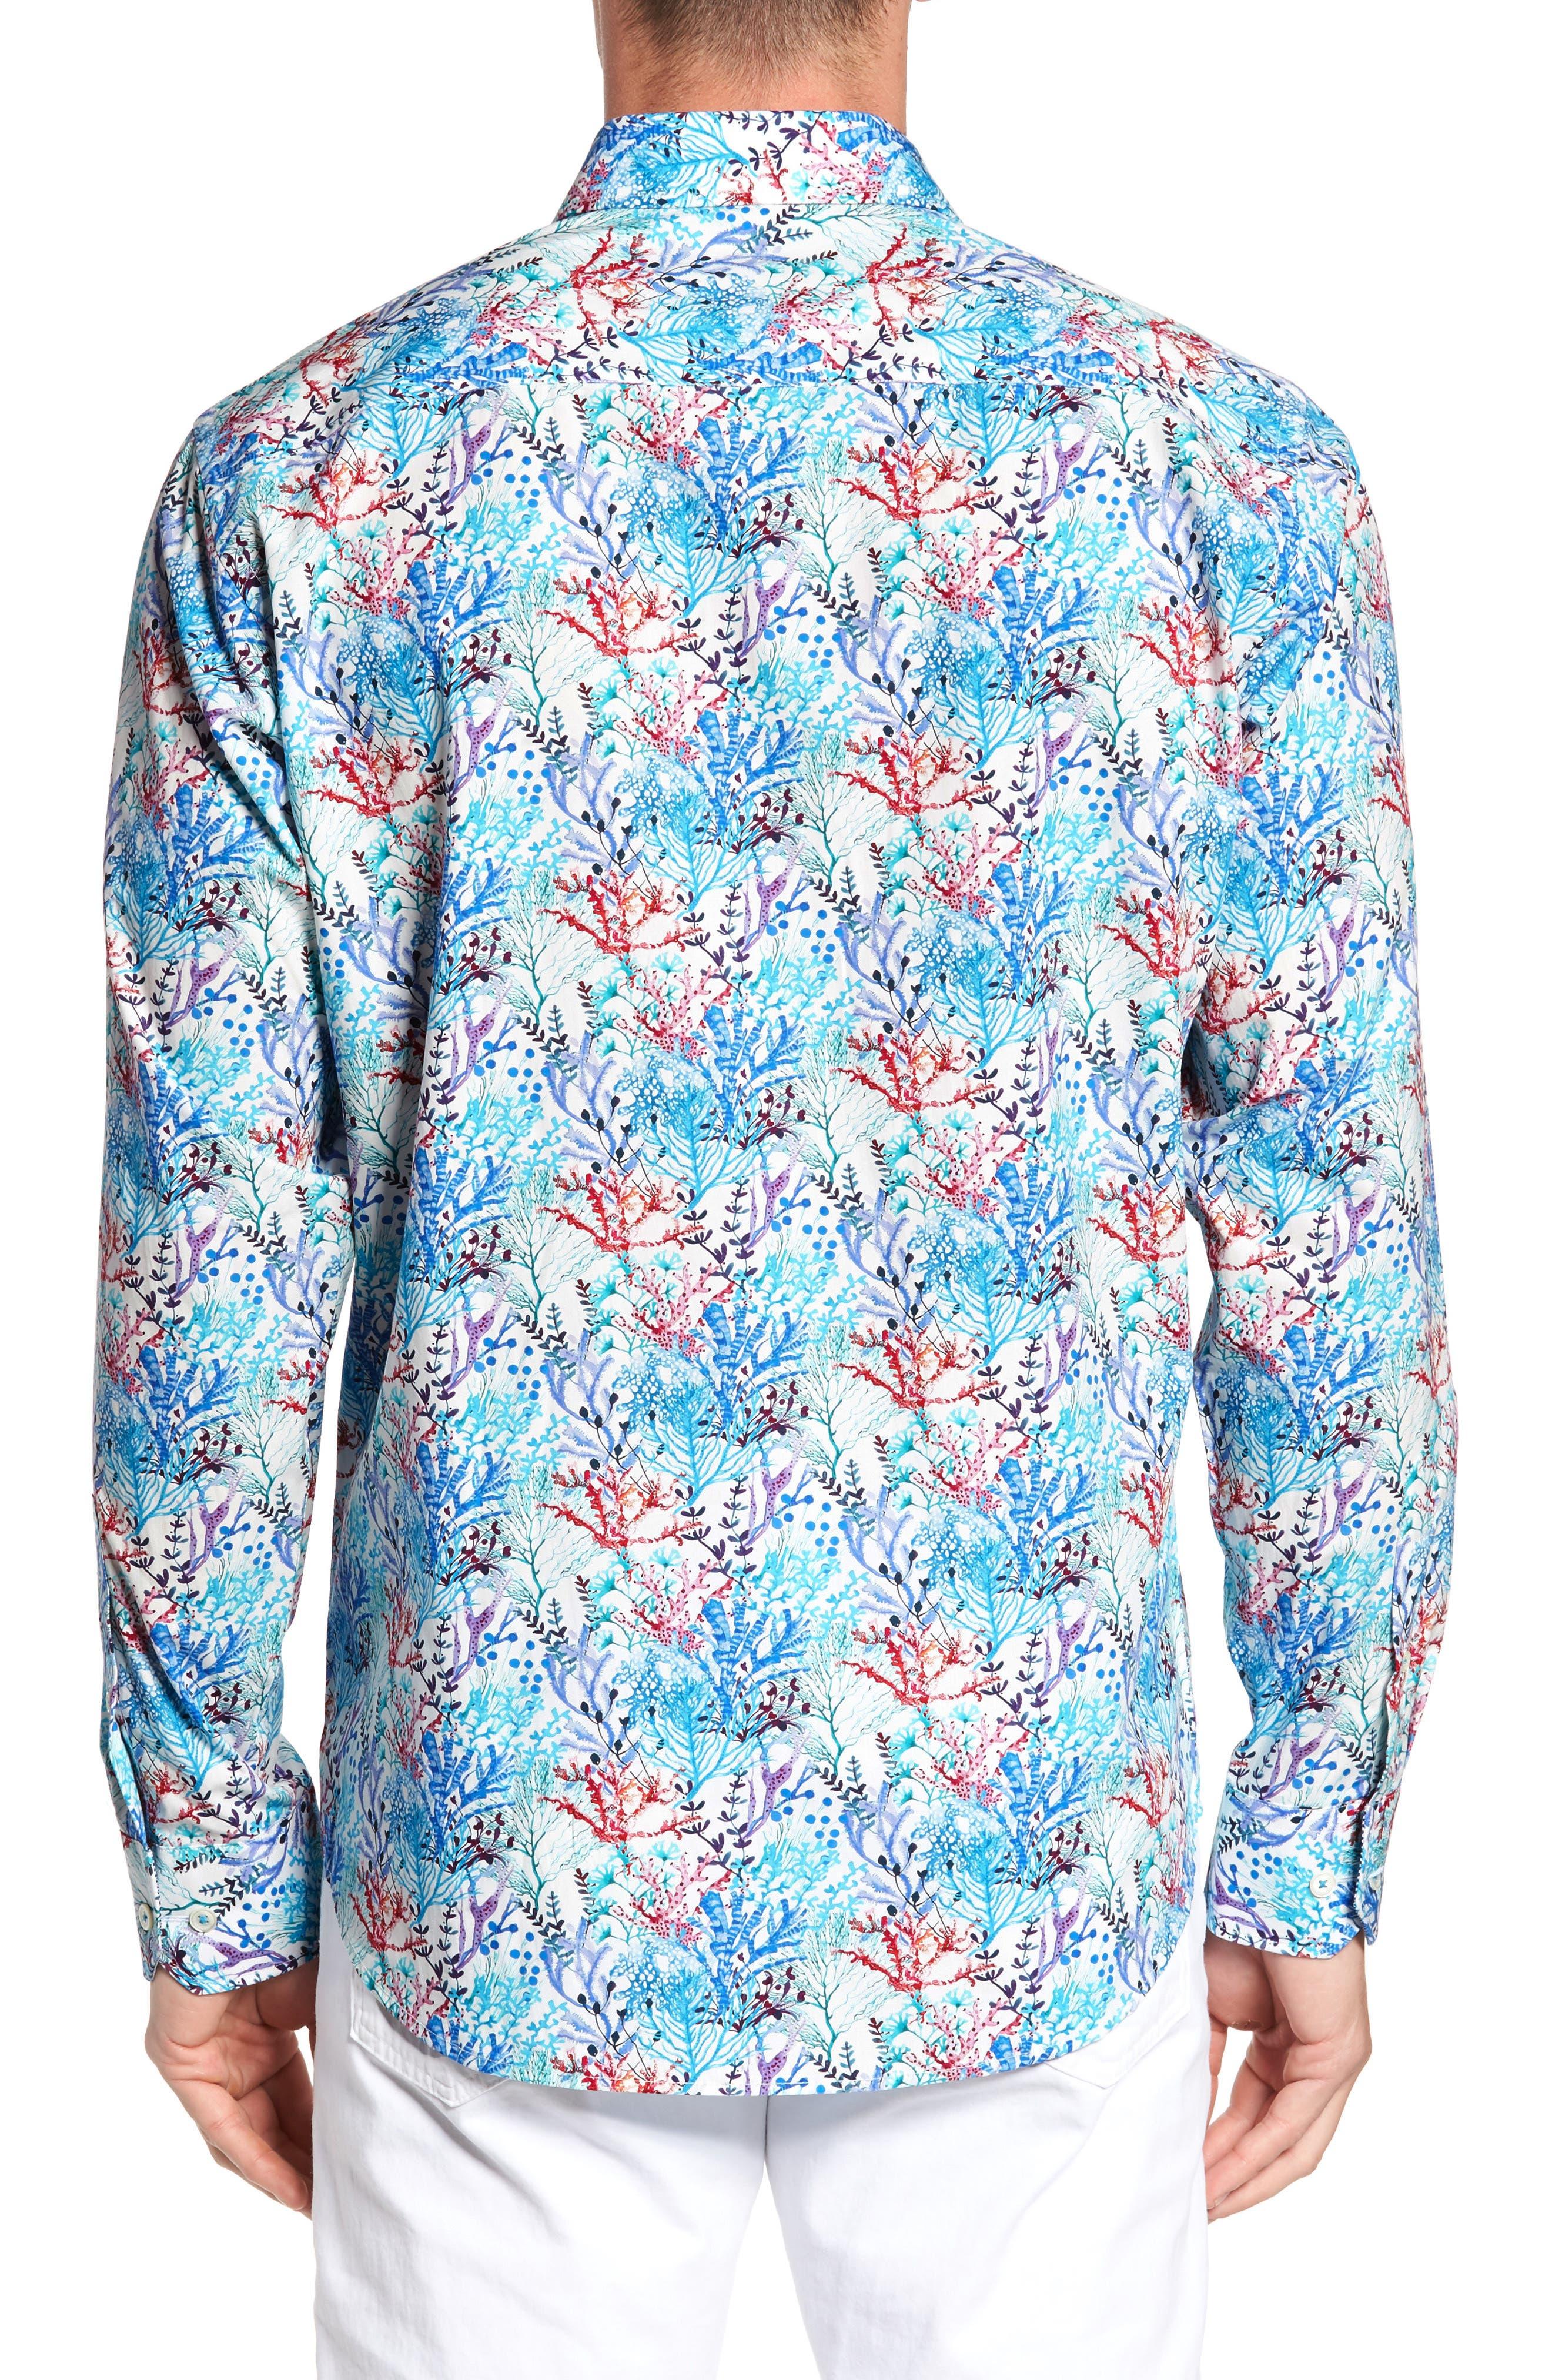 BUGATCHI,                             Classic Fit Floral Print Sport Shirt,                             Alternate thumbnail 2, color,                             425